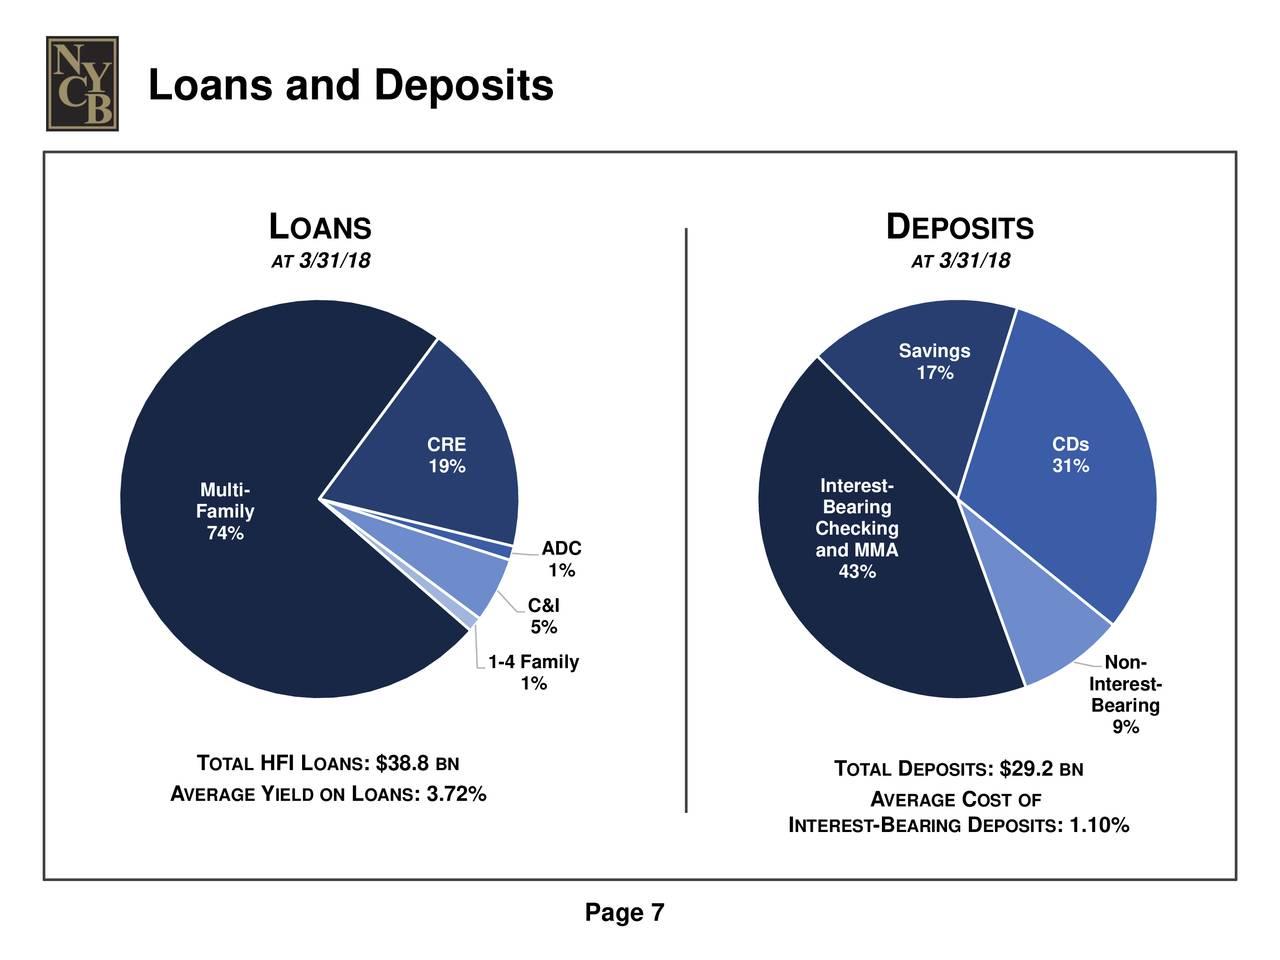 New York Community Bancorp (NYCB) Presents At Morgan Stanley Financials  Conference - Slideshow (NYSE:NYCB) | Seeking Alpha